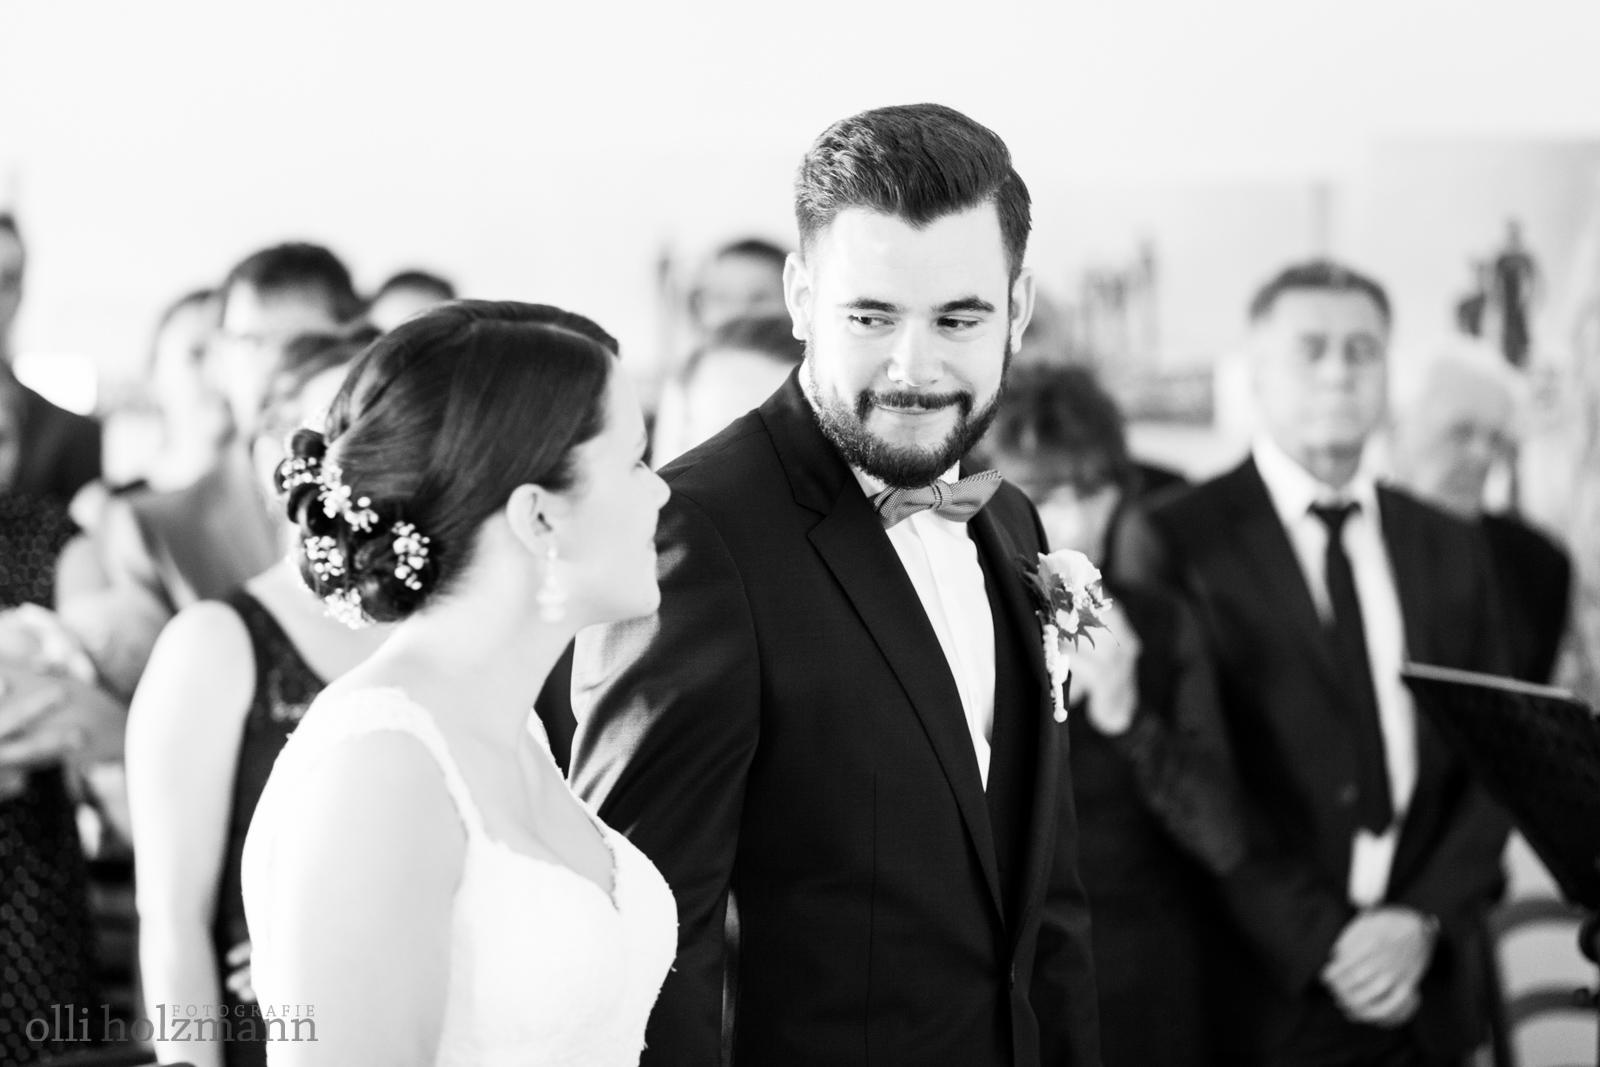 Hochzeitsfotograf_Sonsbeck-45.jpg